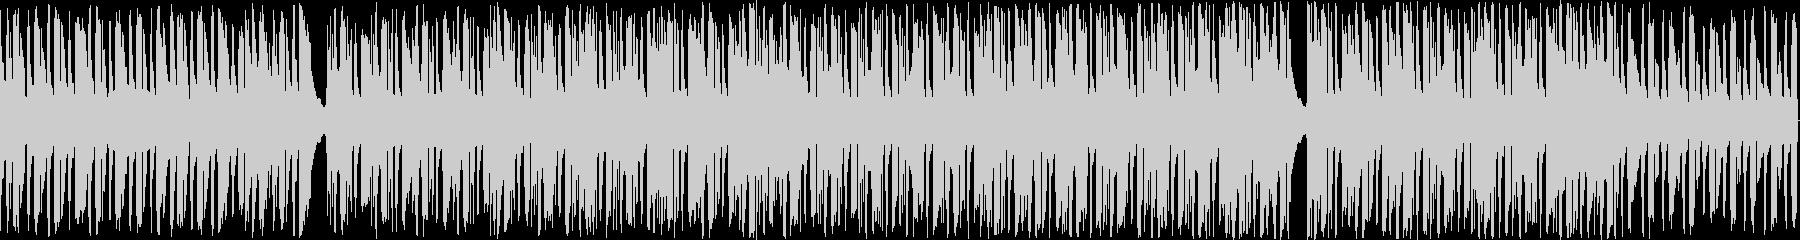 ハロウィン向けワルツ風ループ楽曲の未再生の波形